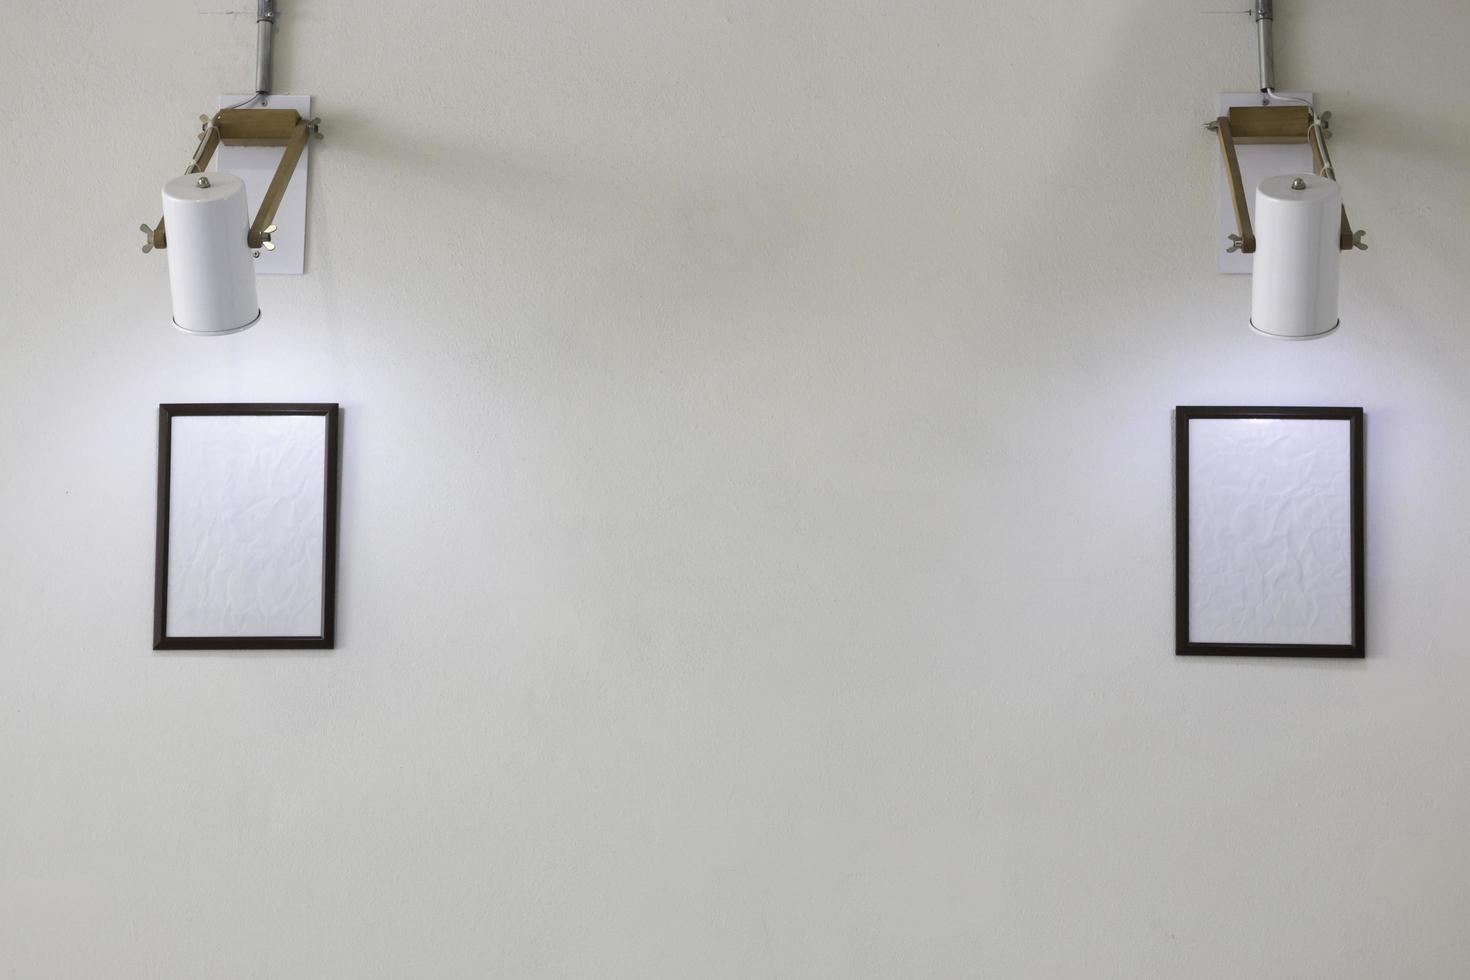 twee lege afbeeldingsframes op witte muur foto